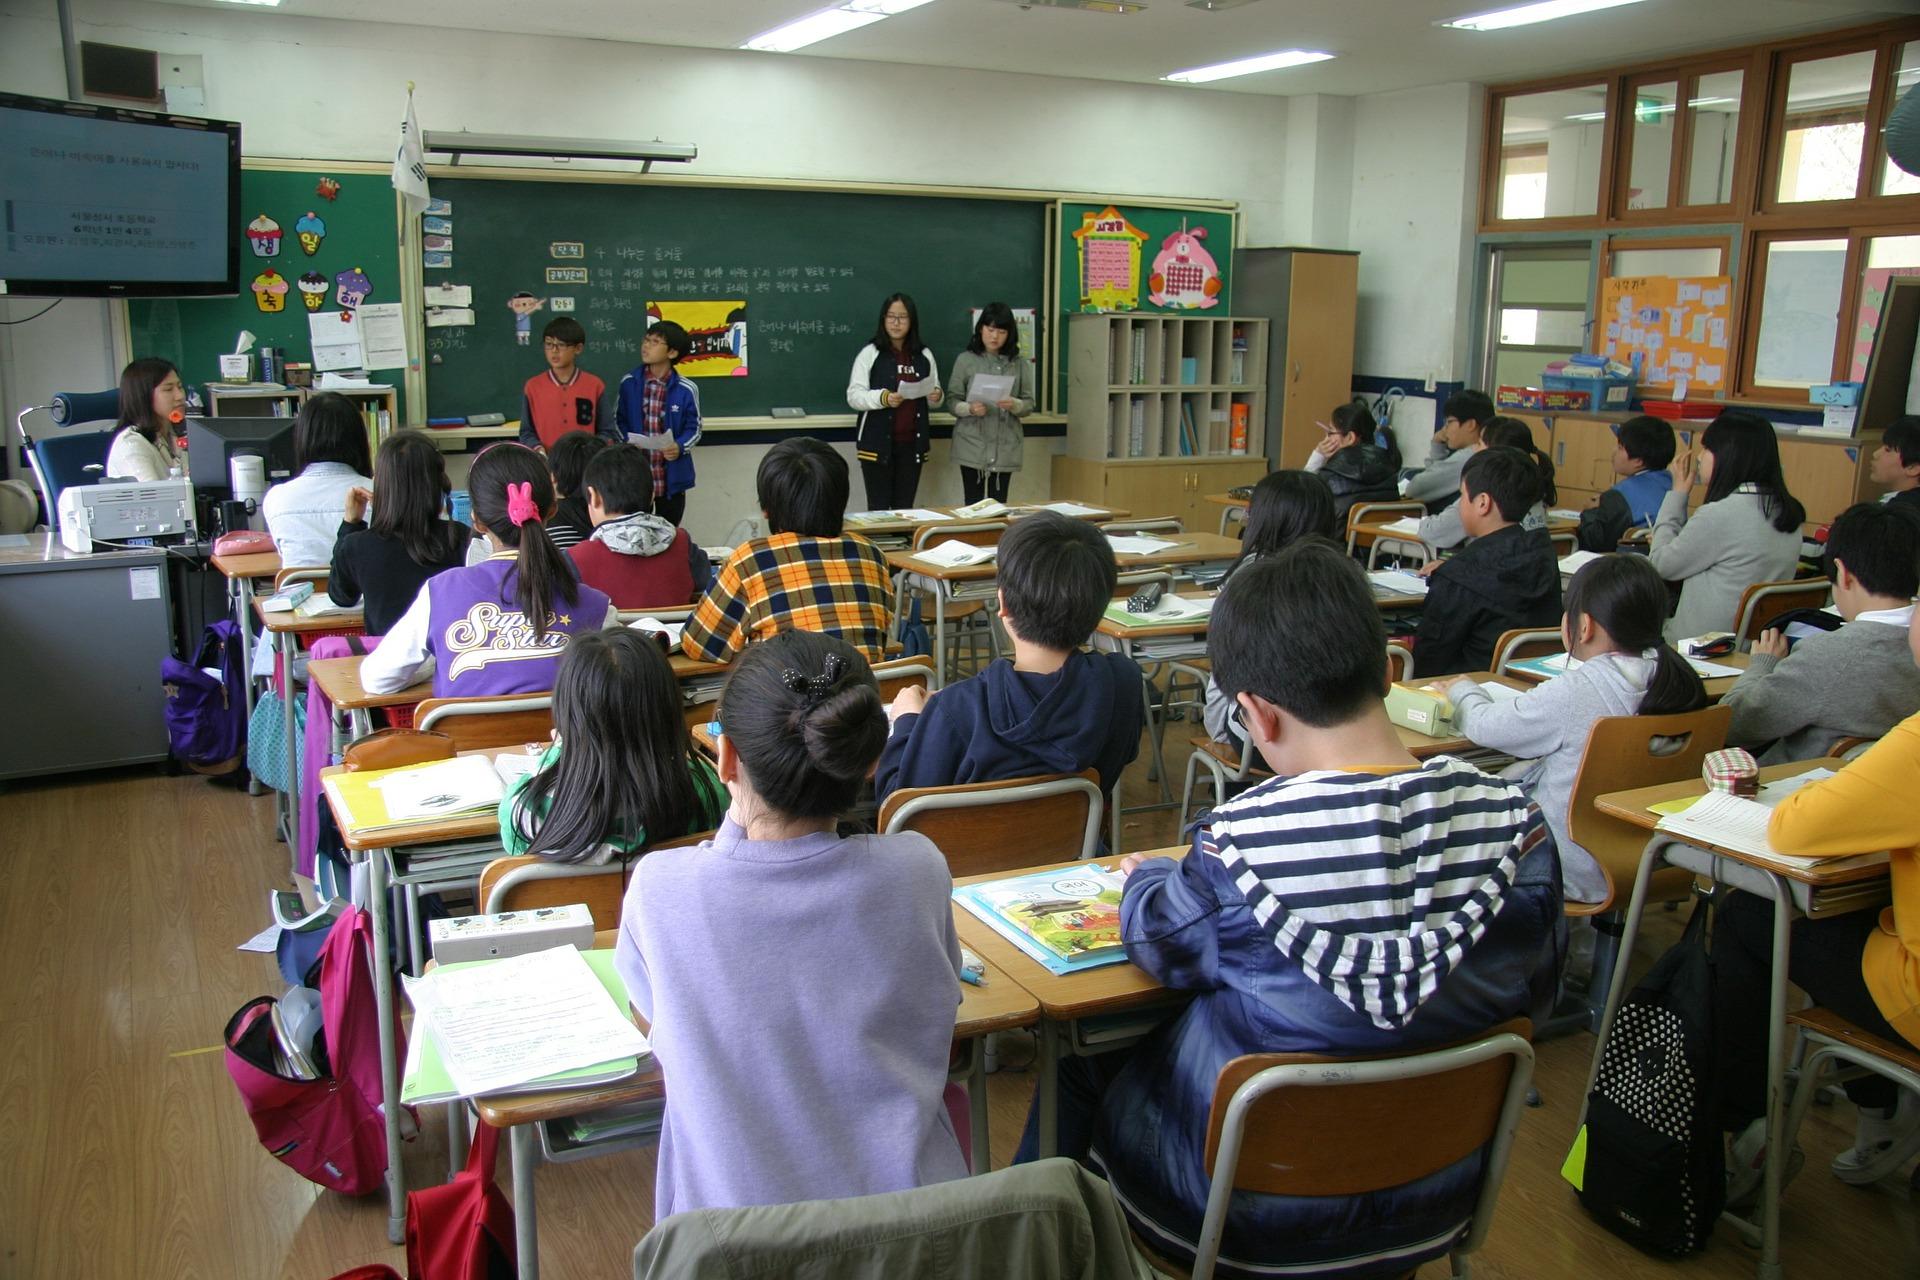 Repensar la convivencia en los centros educativos: hoy más necesario que nunca